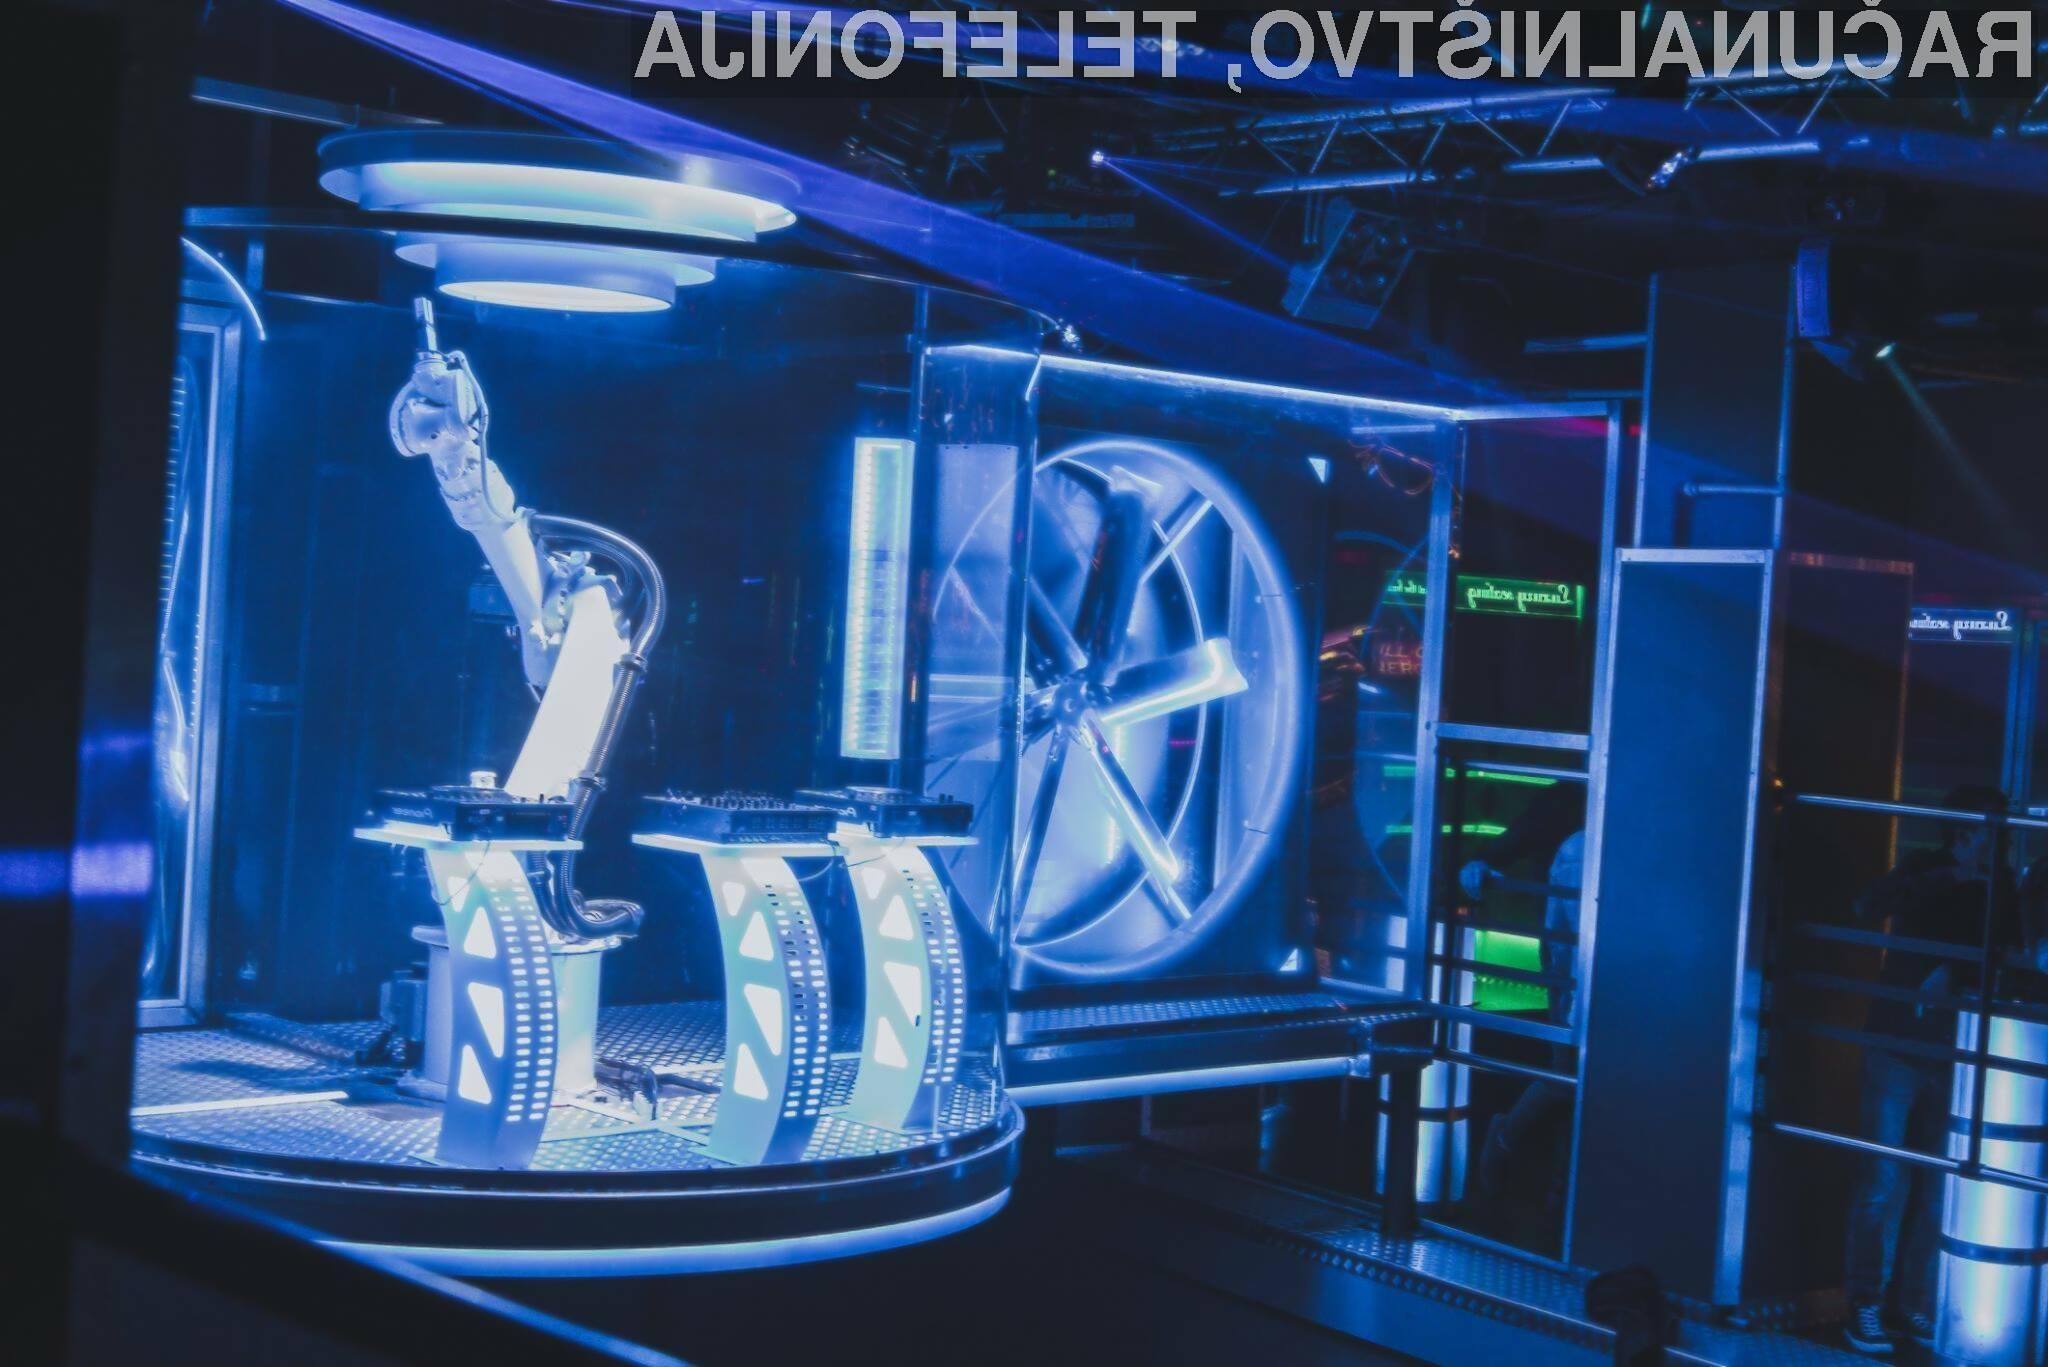 Številni gosti nočnega lokala so nad robotom didžejem več kot navdušeni!